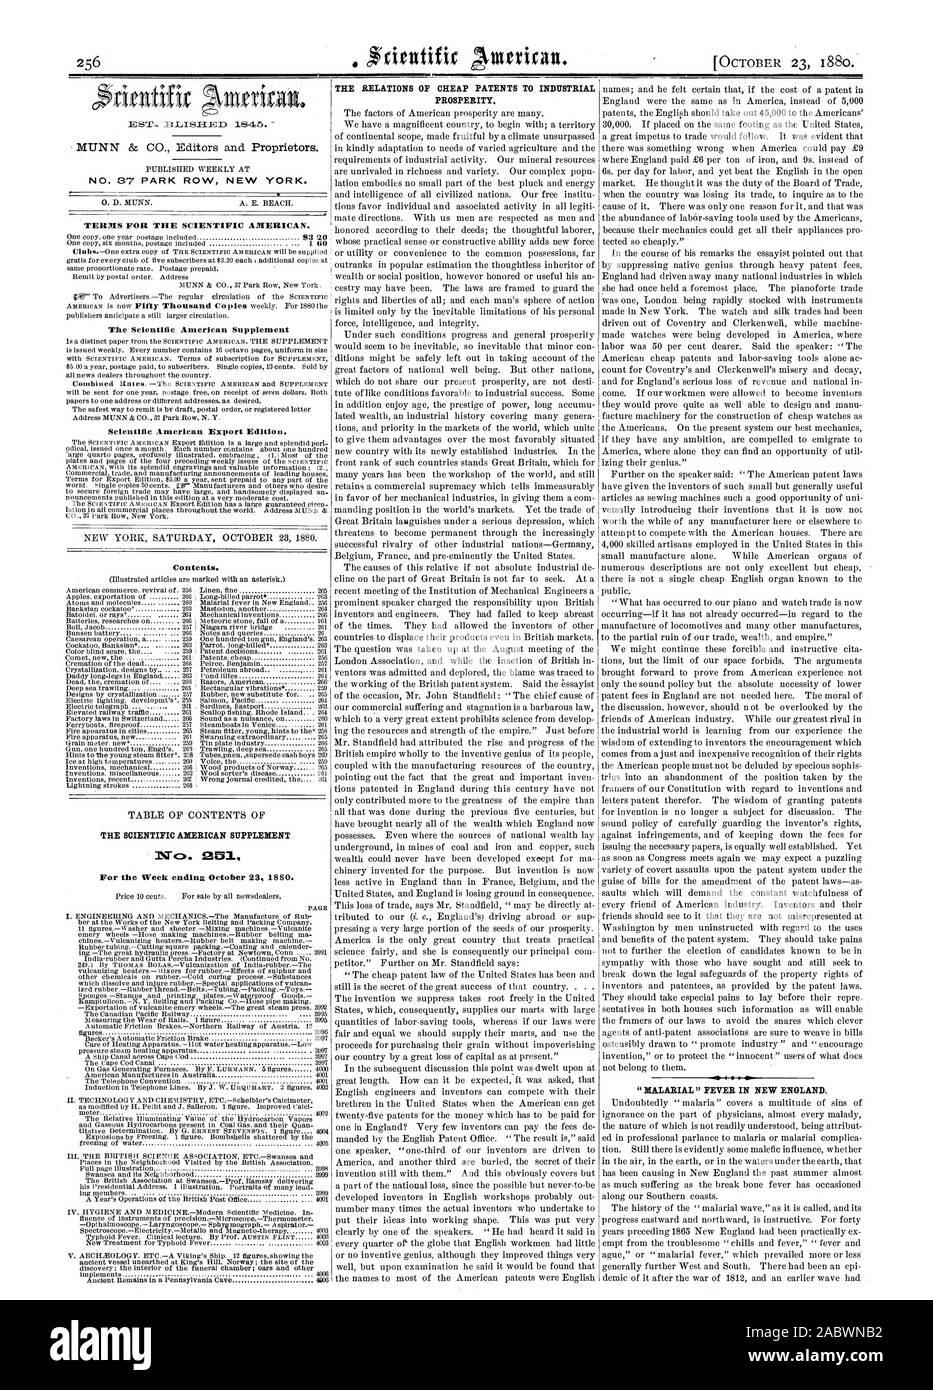 Nº 37 Park Row en Nueva York. Los términos para la Scientific American. Scientific American Edición para exportación. Contenido. La Scientific American Suplemento nº 251 LAS RELACIONES DE PATENTES BARATO DE LA PROSPERIDAD INDUSTRIAL. ' ' Fiebre palúdica en Nueva Inglaterra., 1880-10-23 Foto de stock